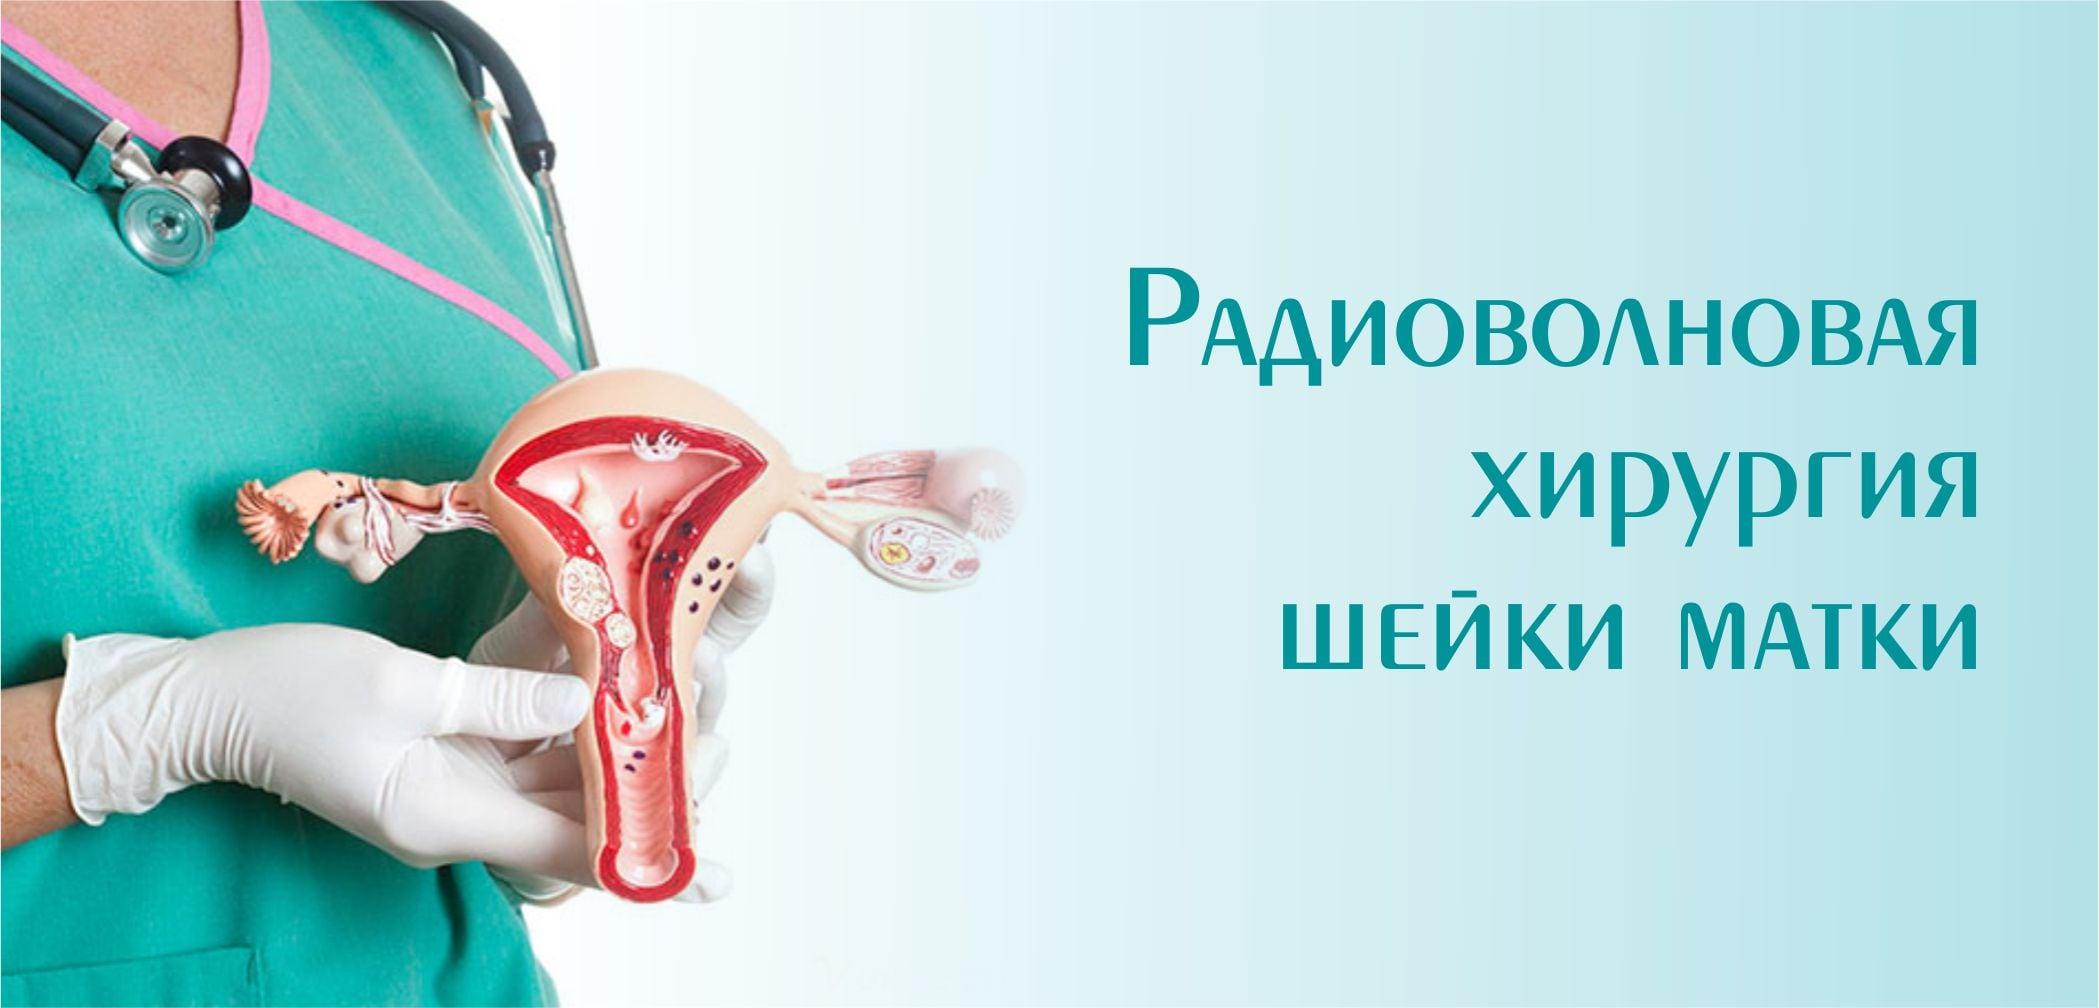 Радиоволновая хирургия шейки